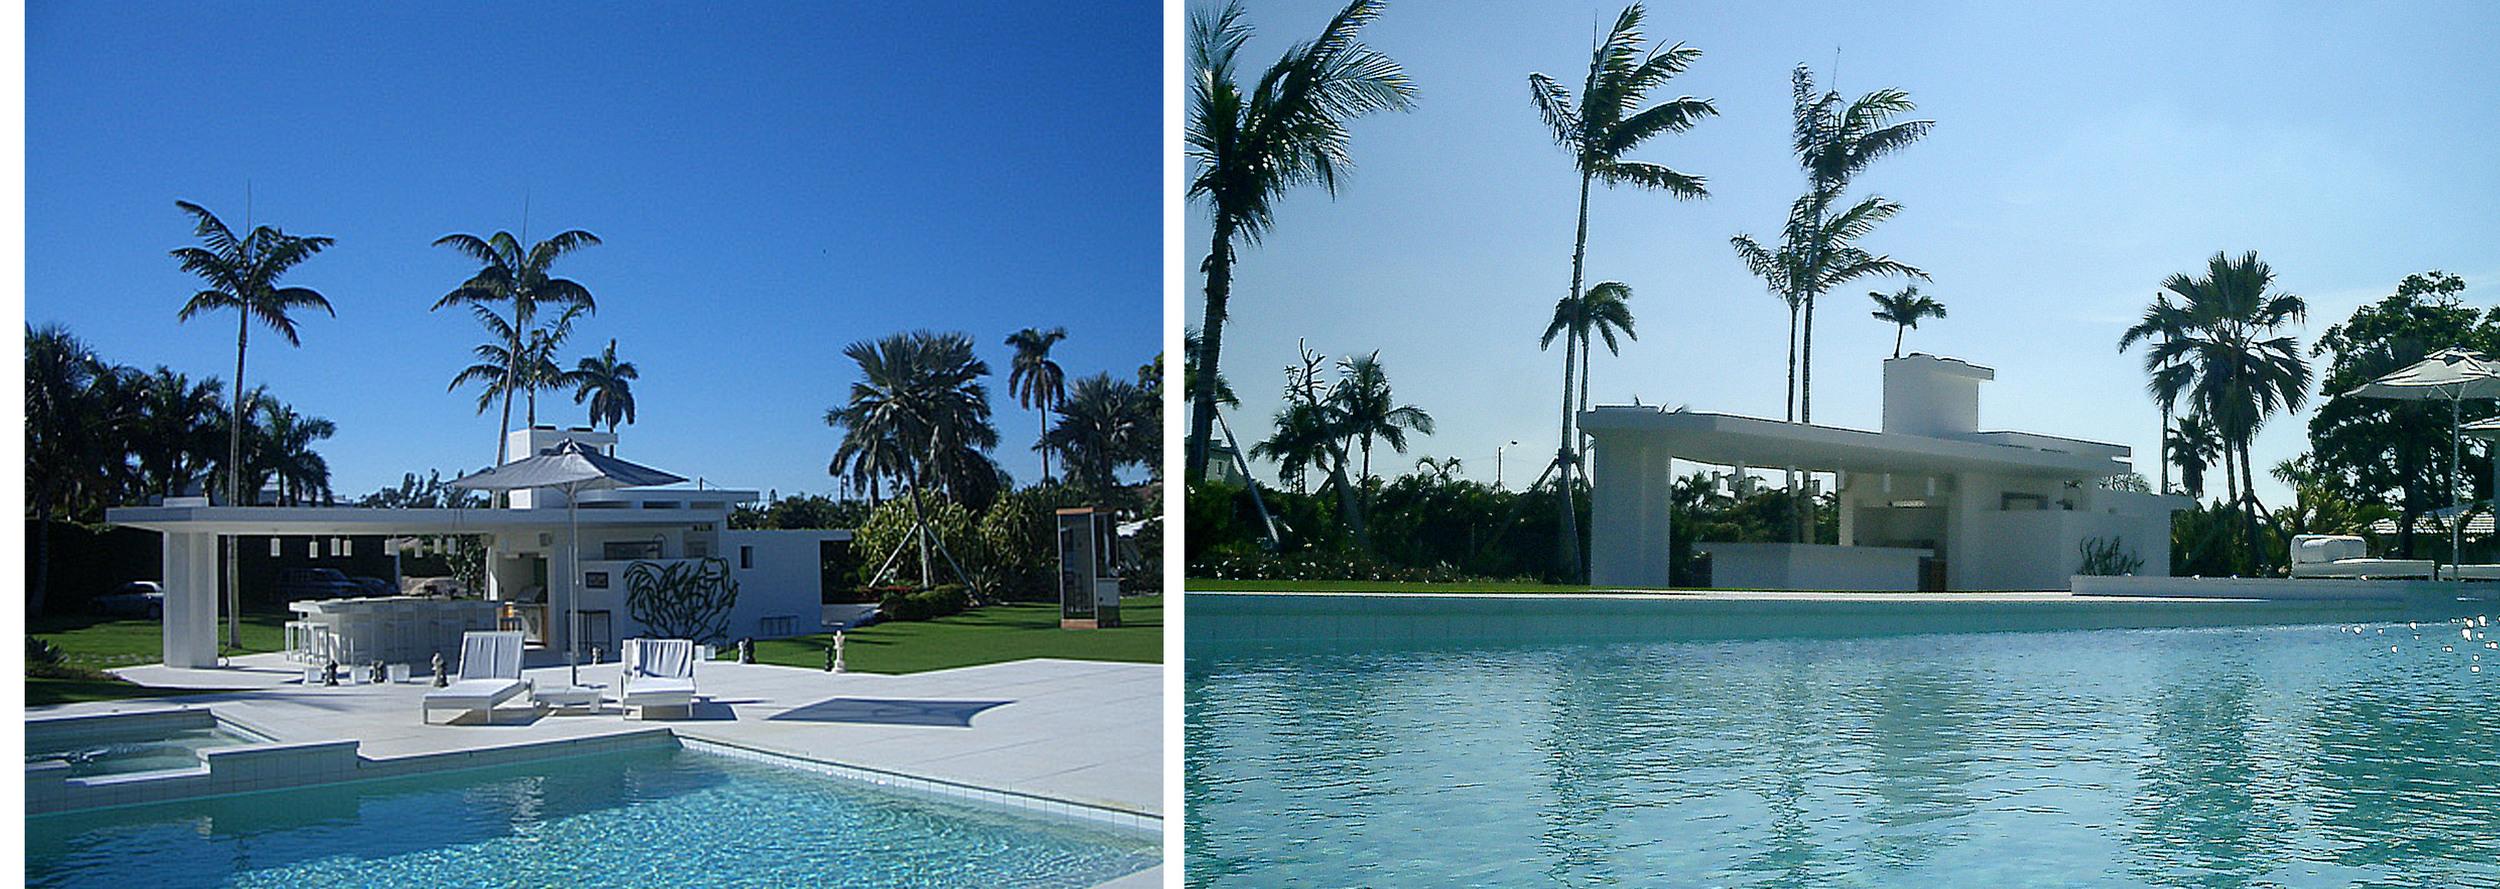 palm-beach-modern-15.jpg